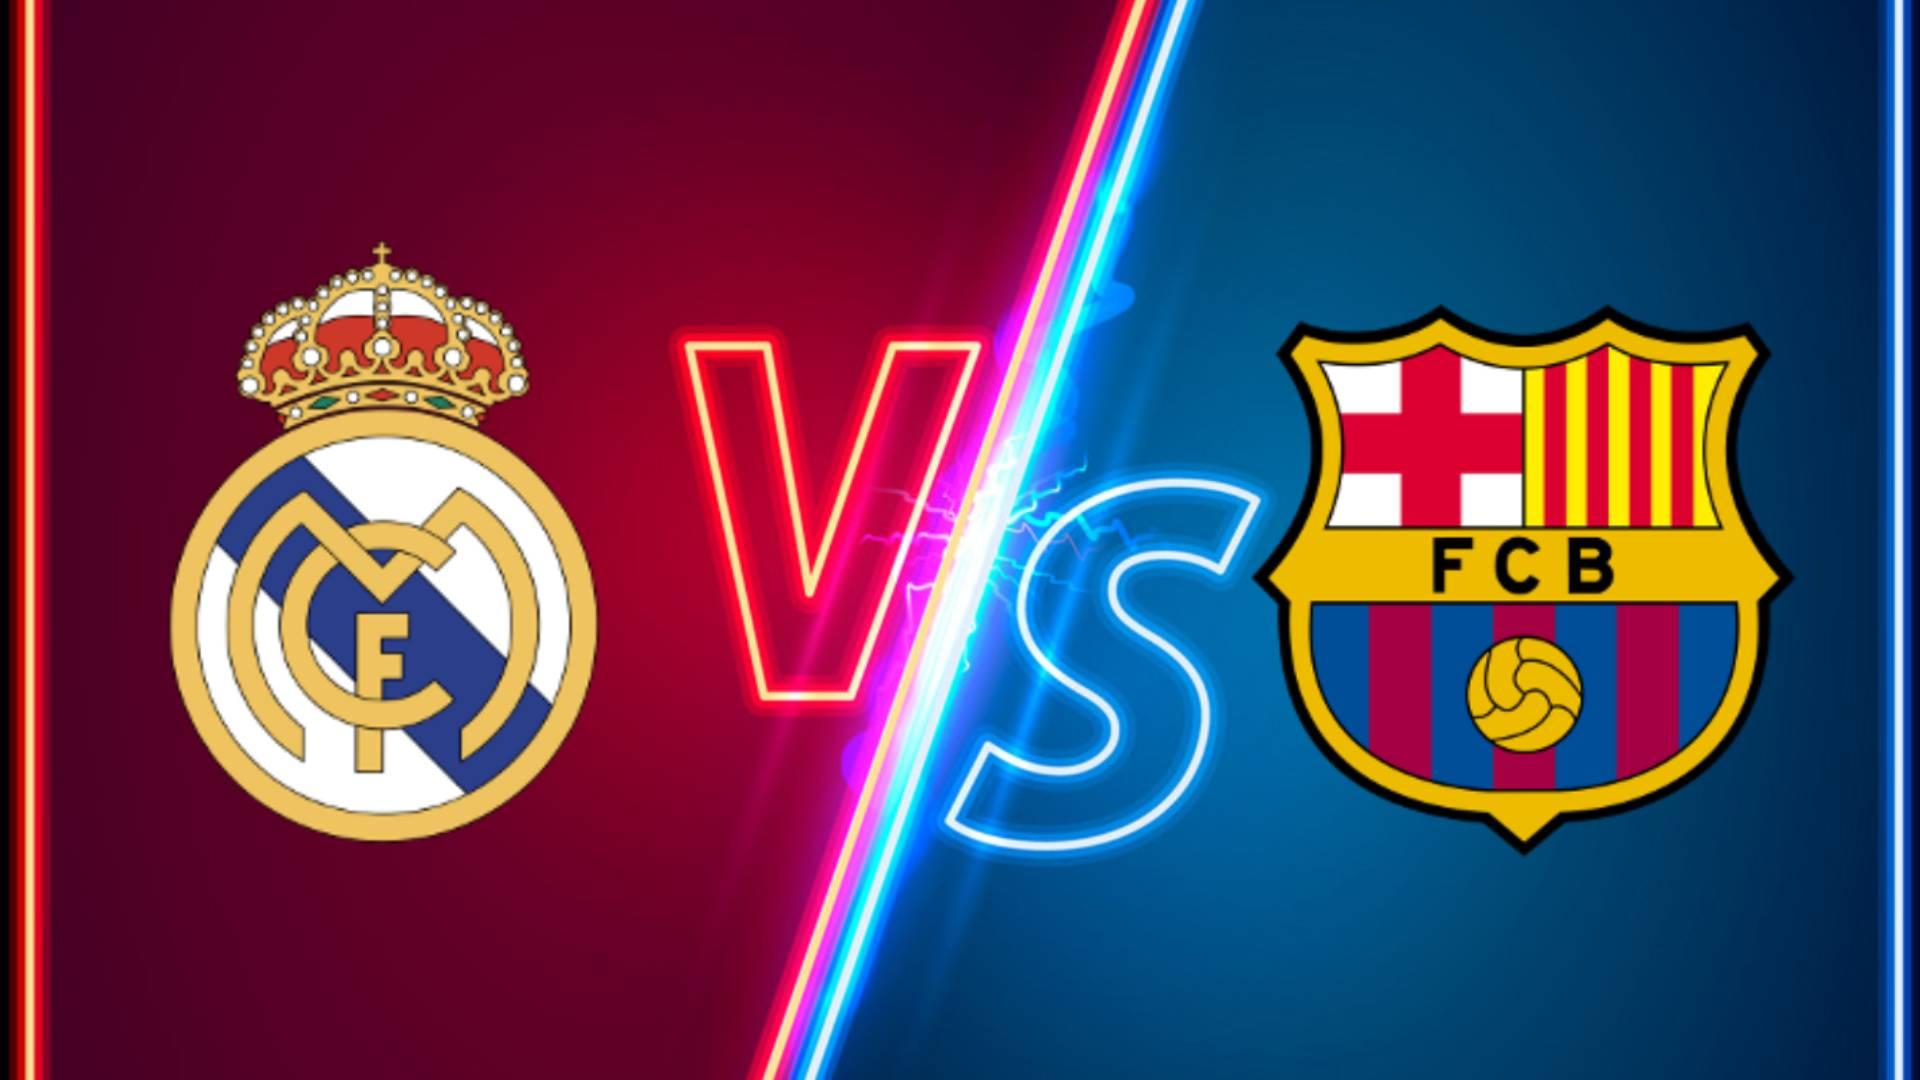 GRATIS: Real Madrid vs. Barcelona: un clásico que barrerá el mundo